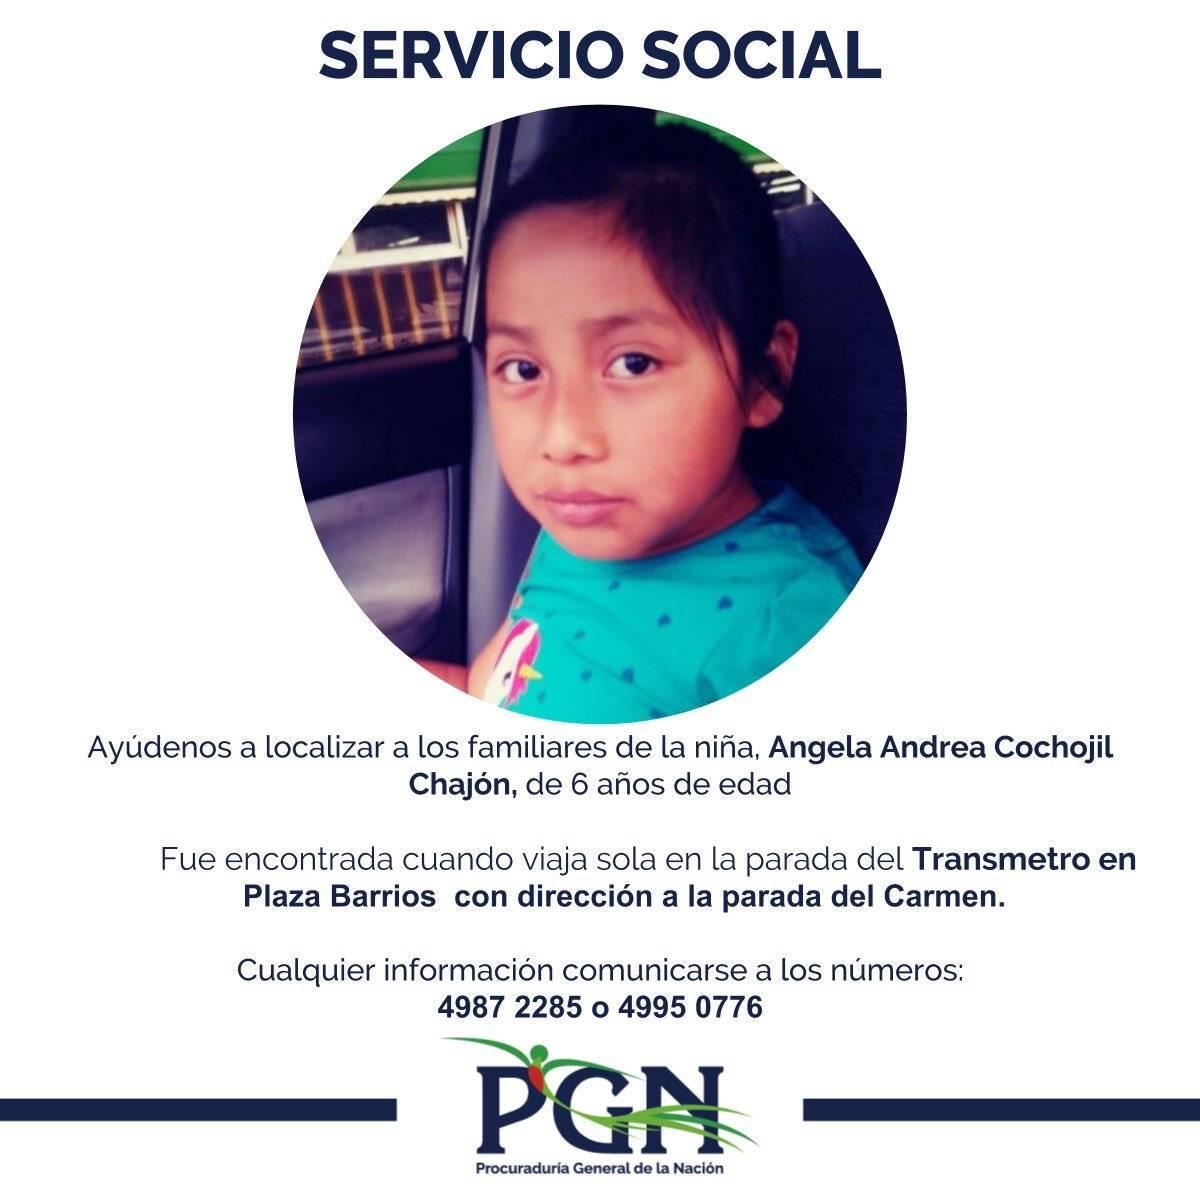 PGN busca a los padres de la niña Ángela Andrea Cochojil Chajón. Foto: PGN